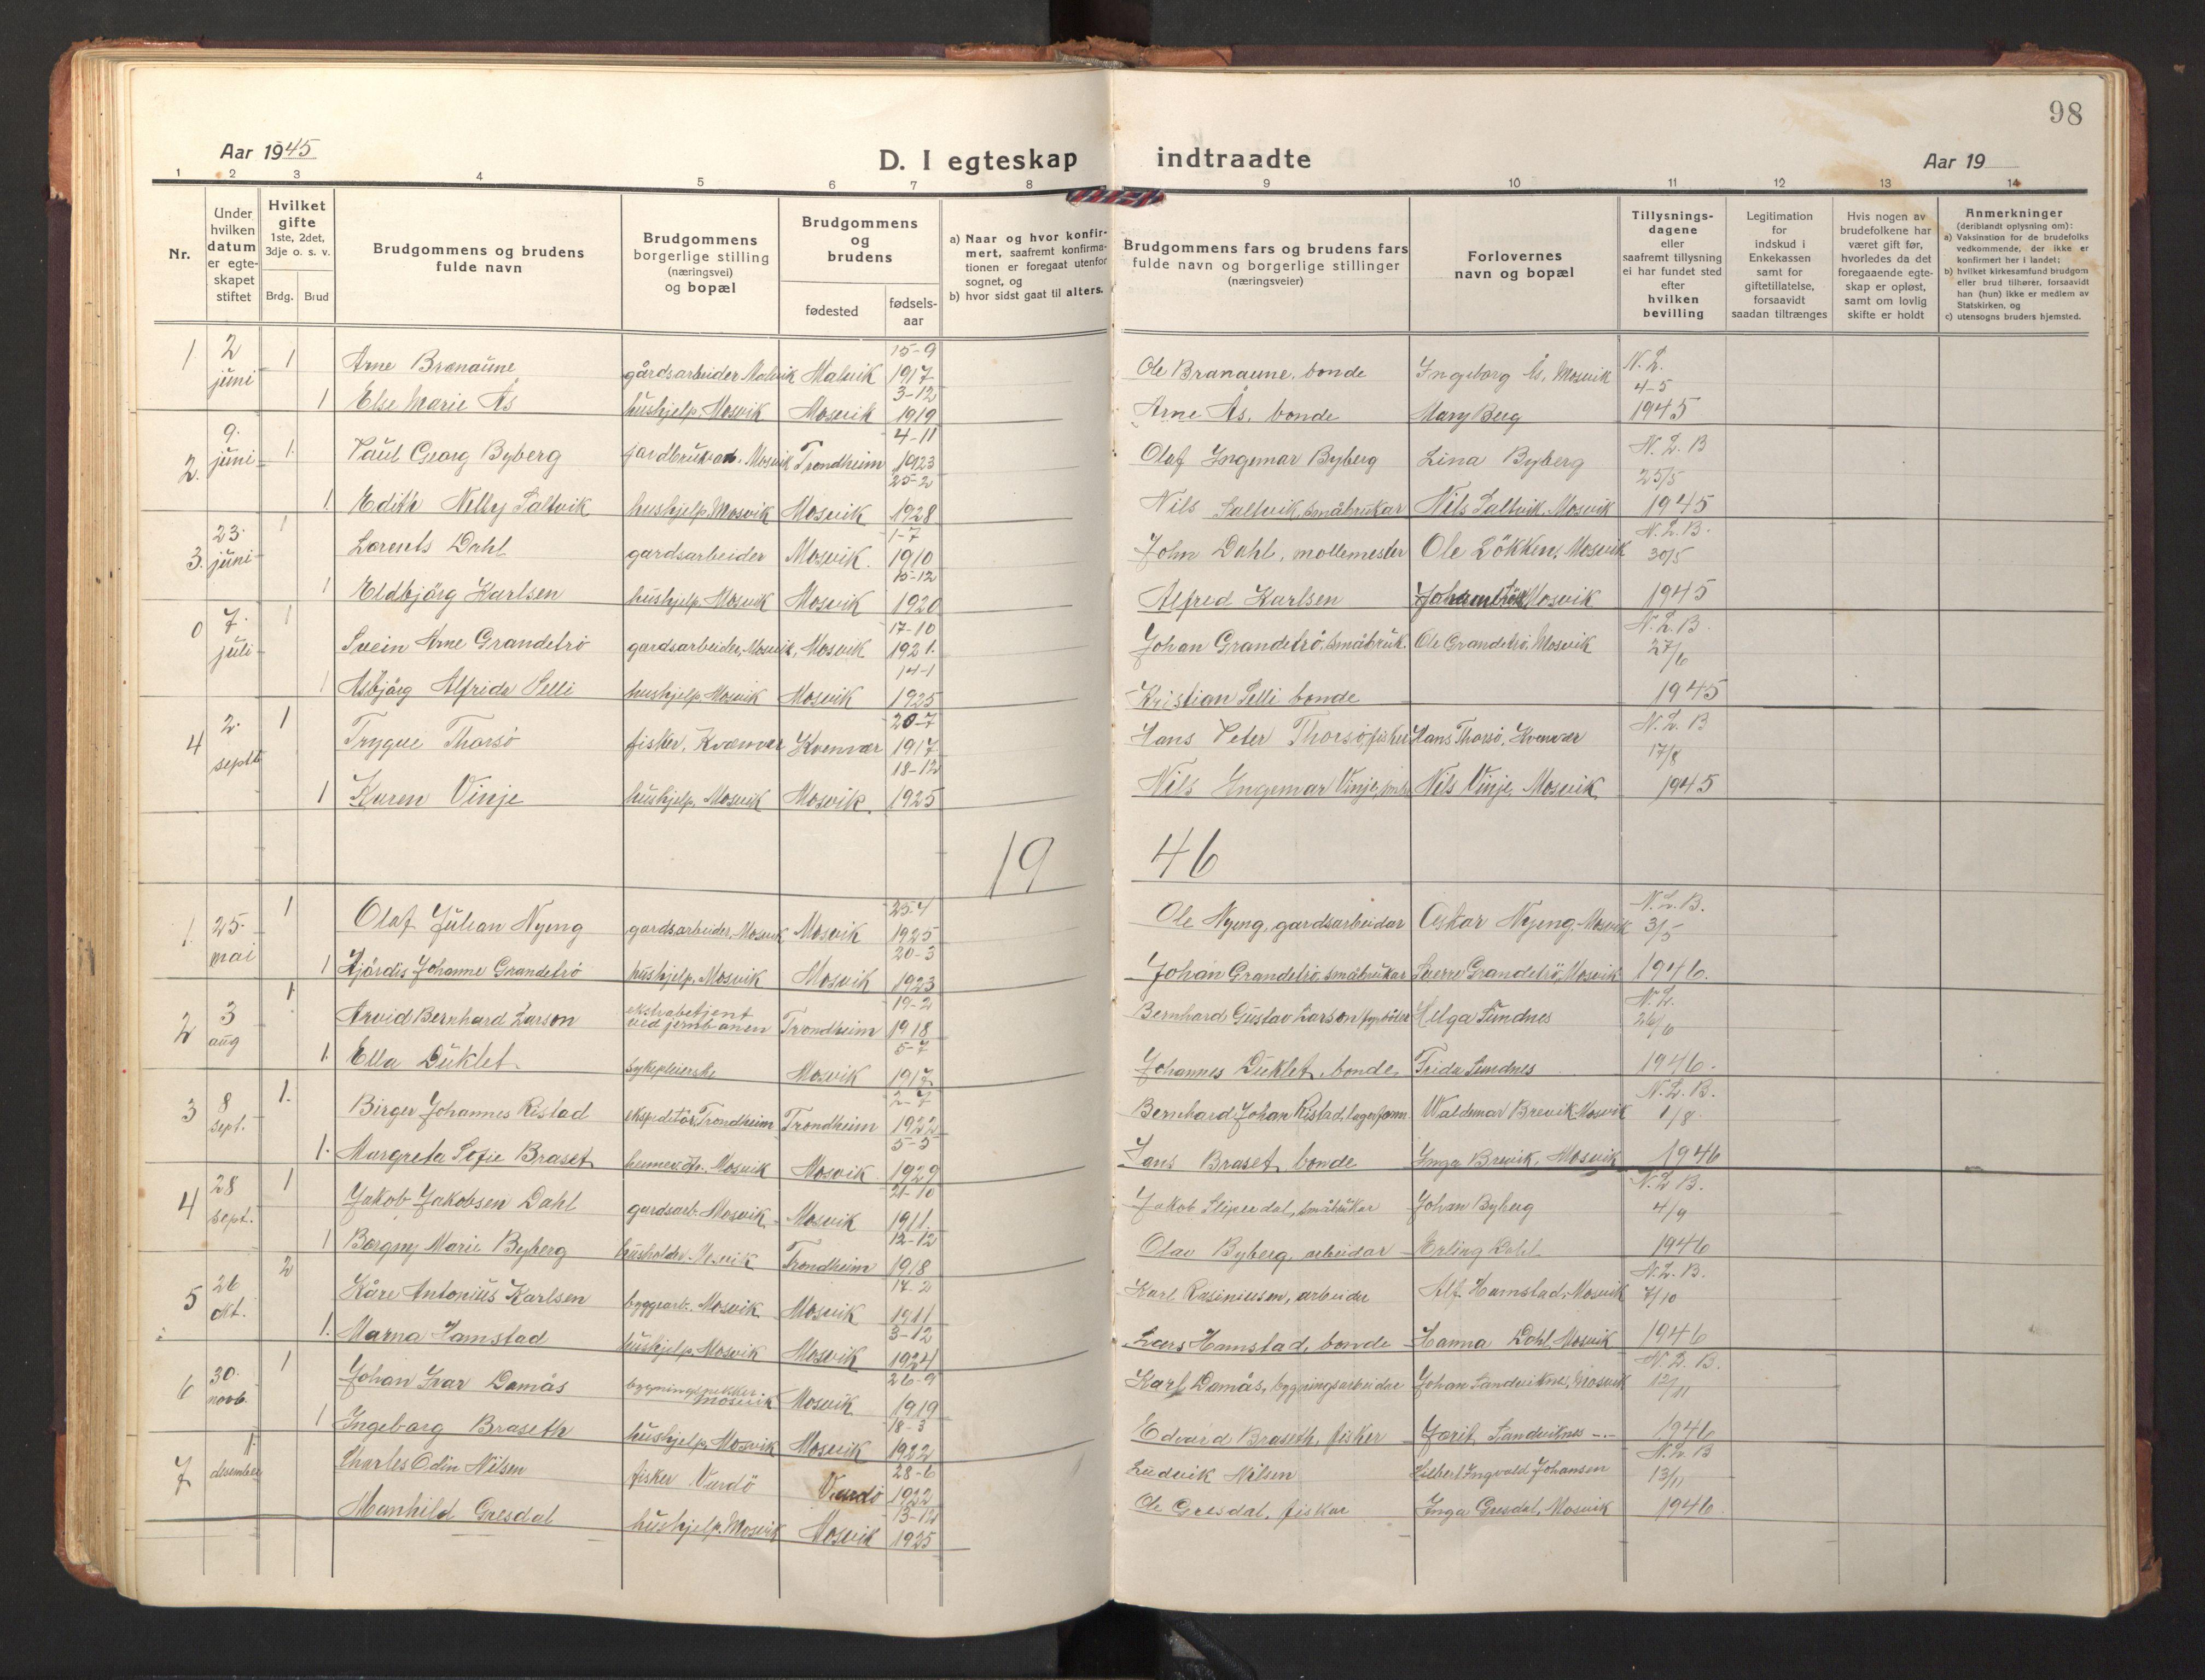 SAT, Ministerialprotokoller, klokkerbøker og fødselsregistre - Nord-Trøndelag, 733/L0328: Klokkerbok nr. 733C03, 1919-1966, s. 98